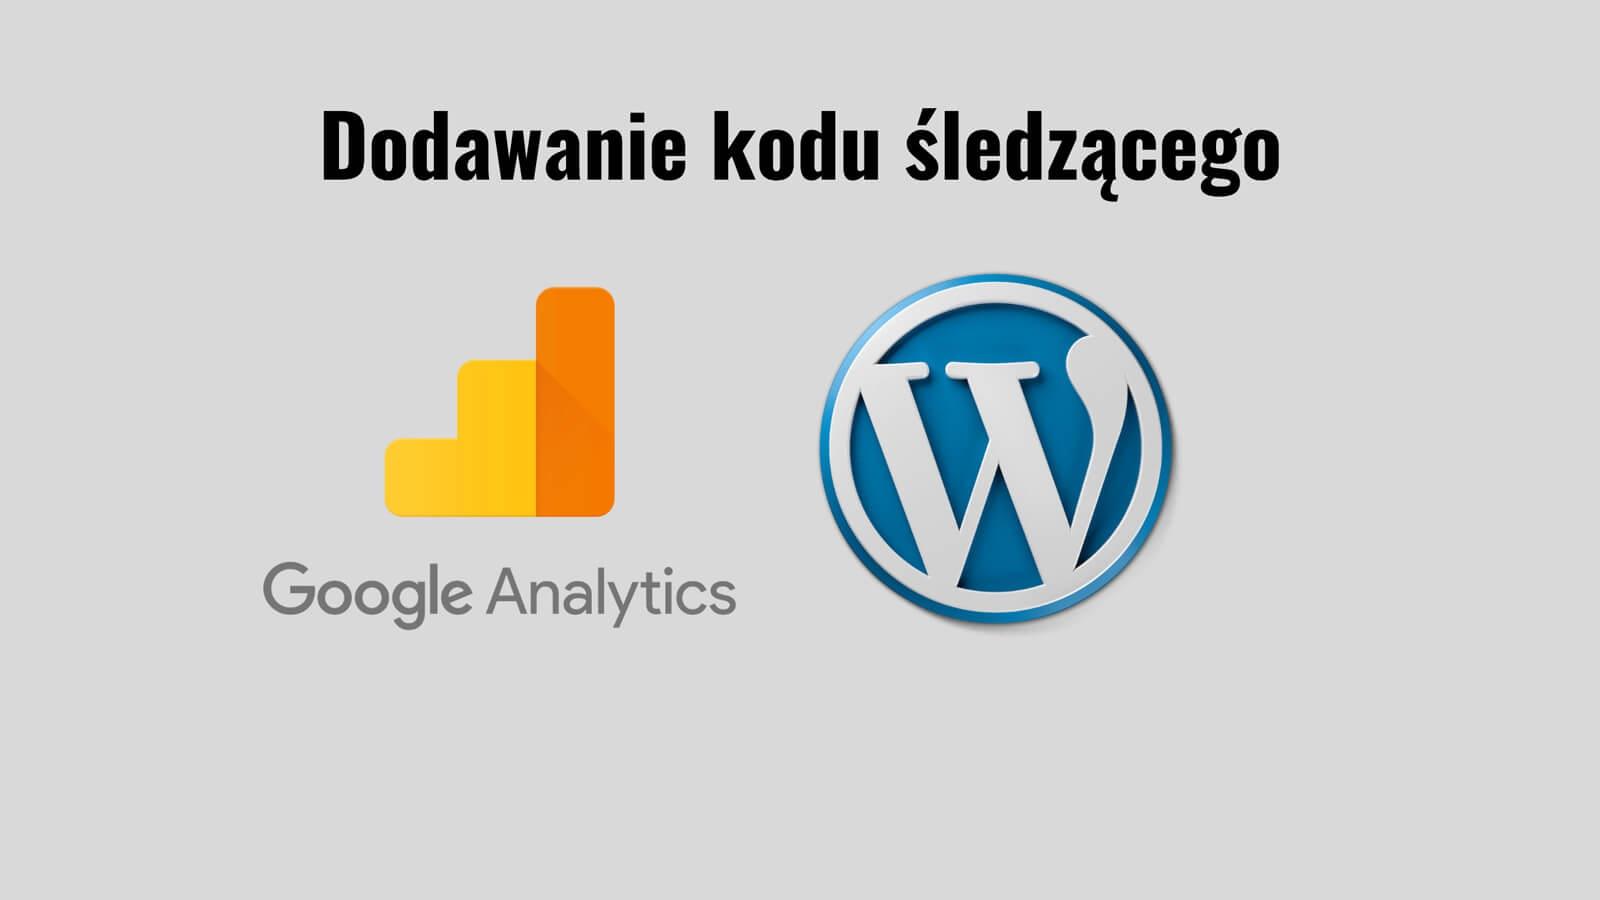 dodawanie kodu śledzącego Google Analytics na Wordpress